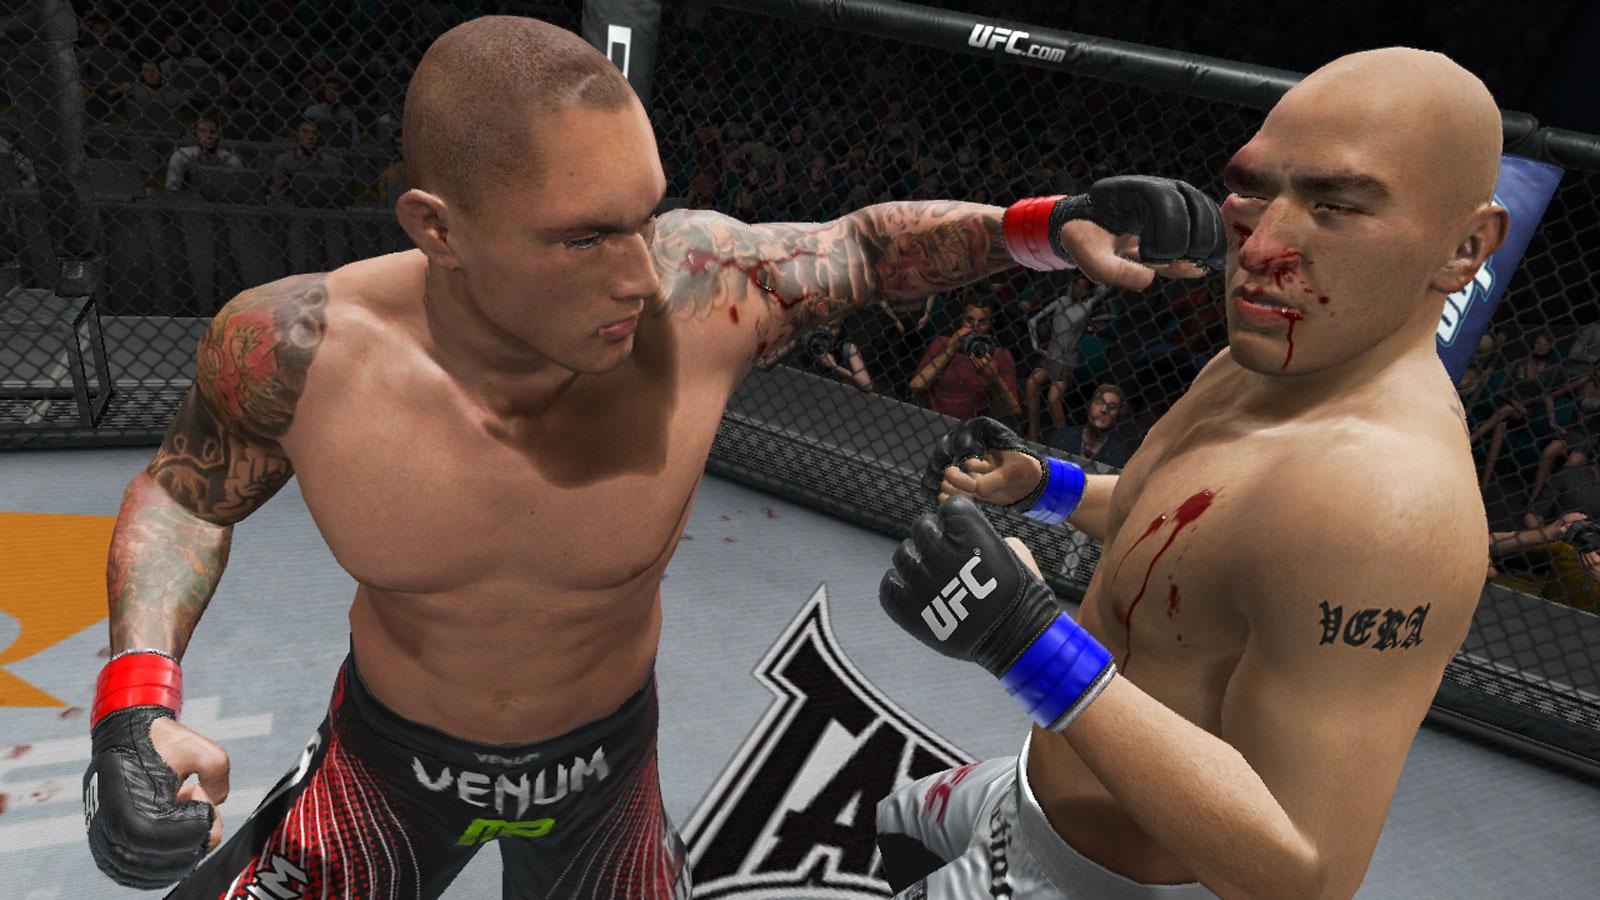 UFC Undisputed 3 Demo Release